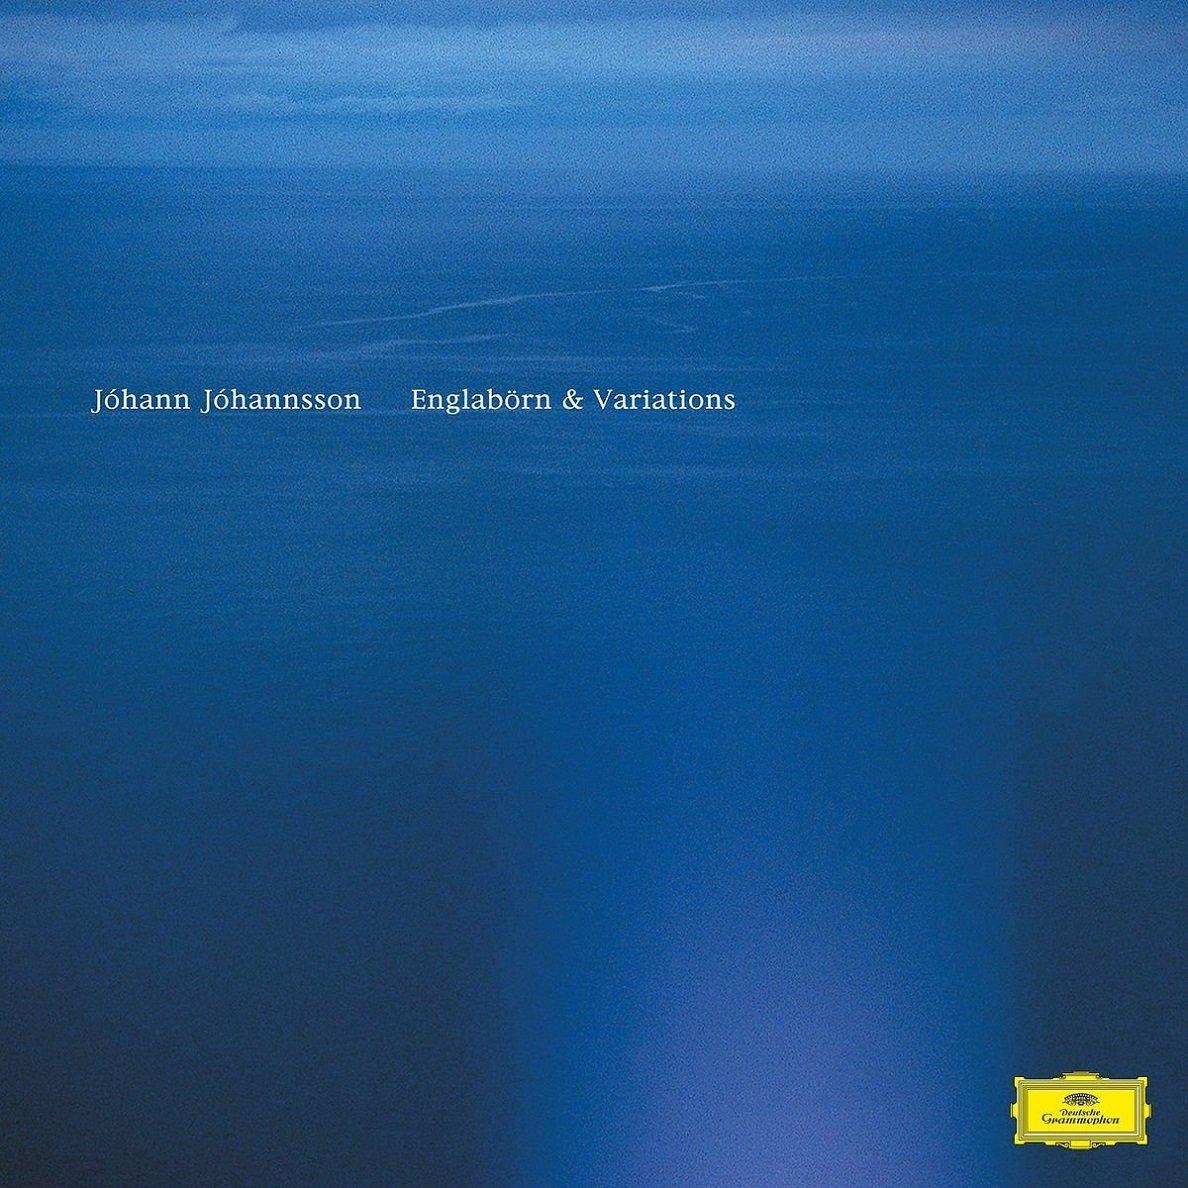 Englaborn & Variations Remastered 2017